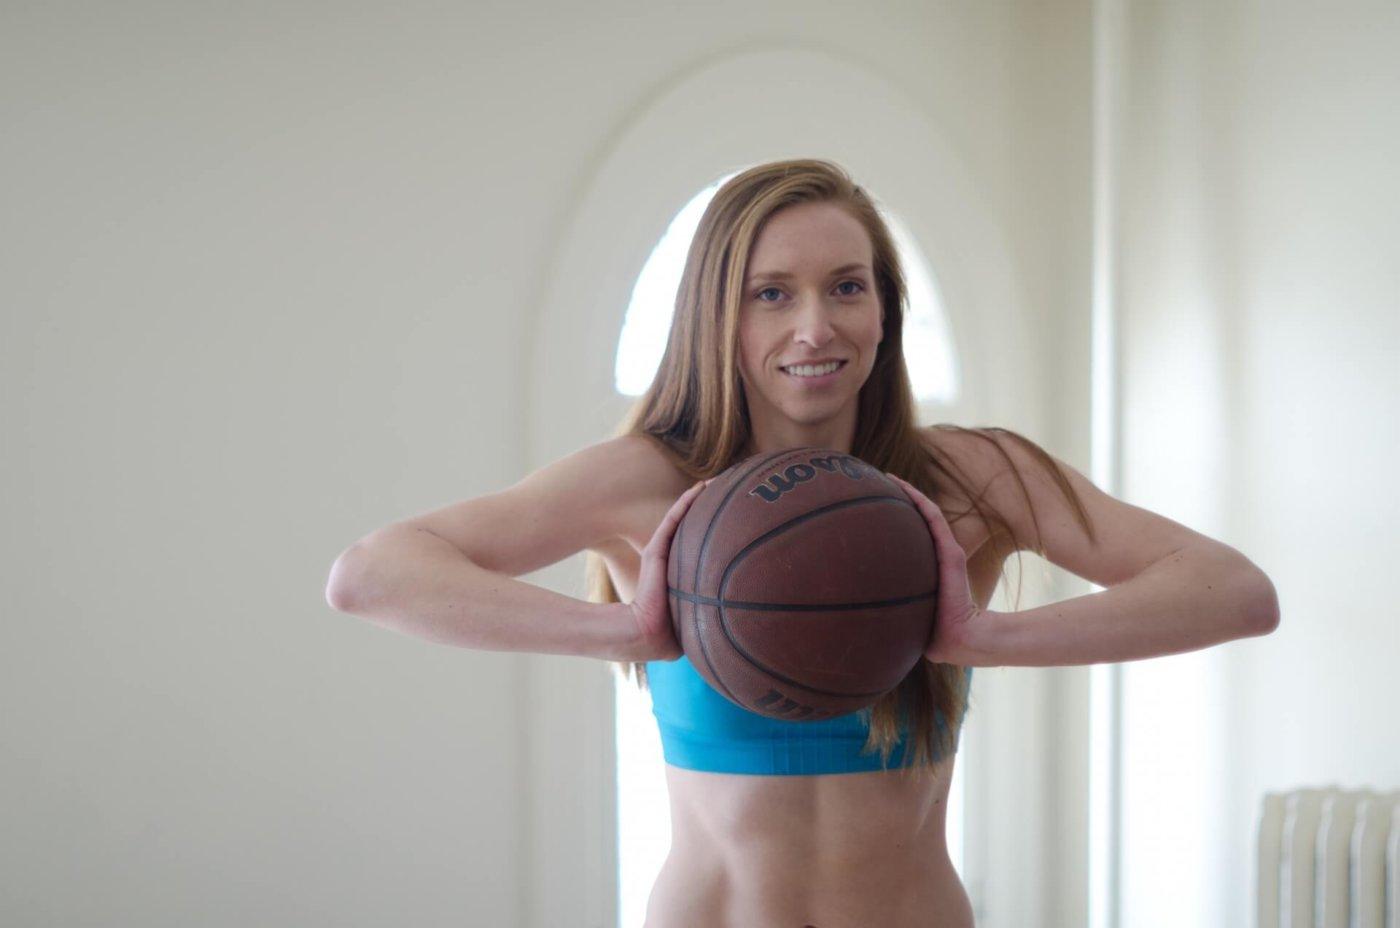 オリンピックのバスケットボール